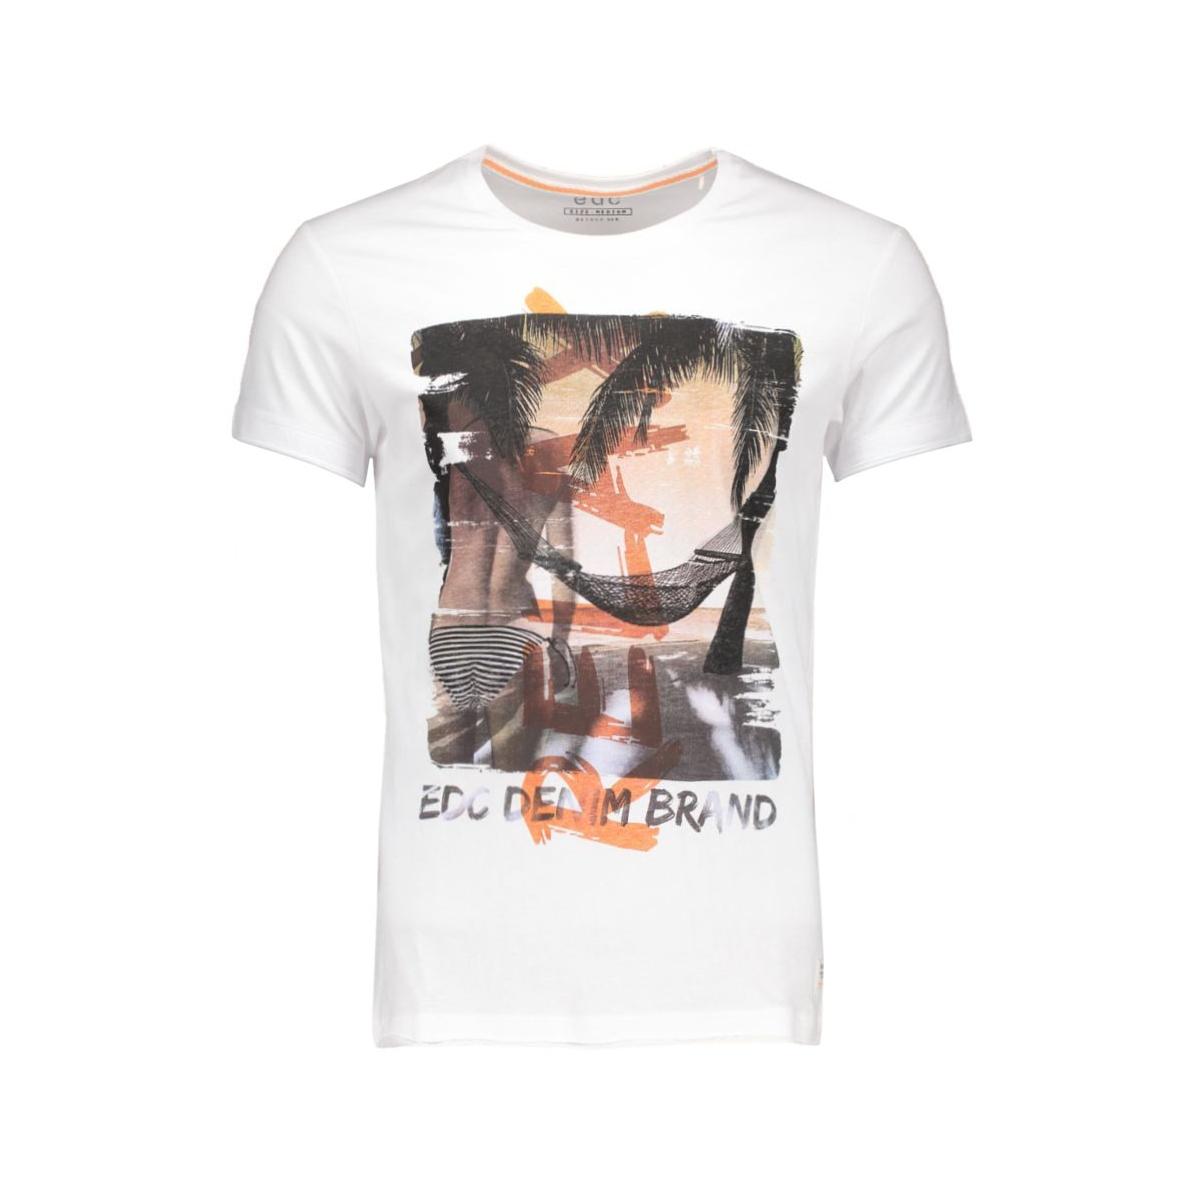 066cc2k029 edc t-shirt c101